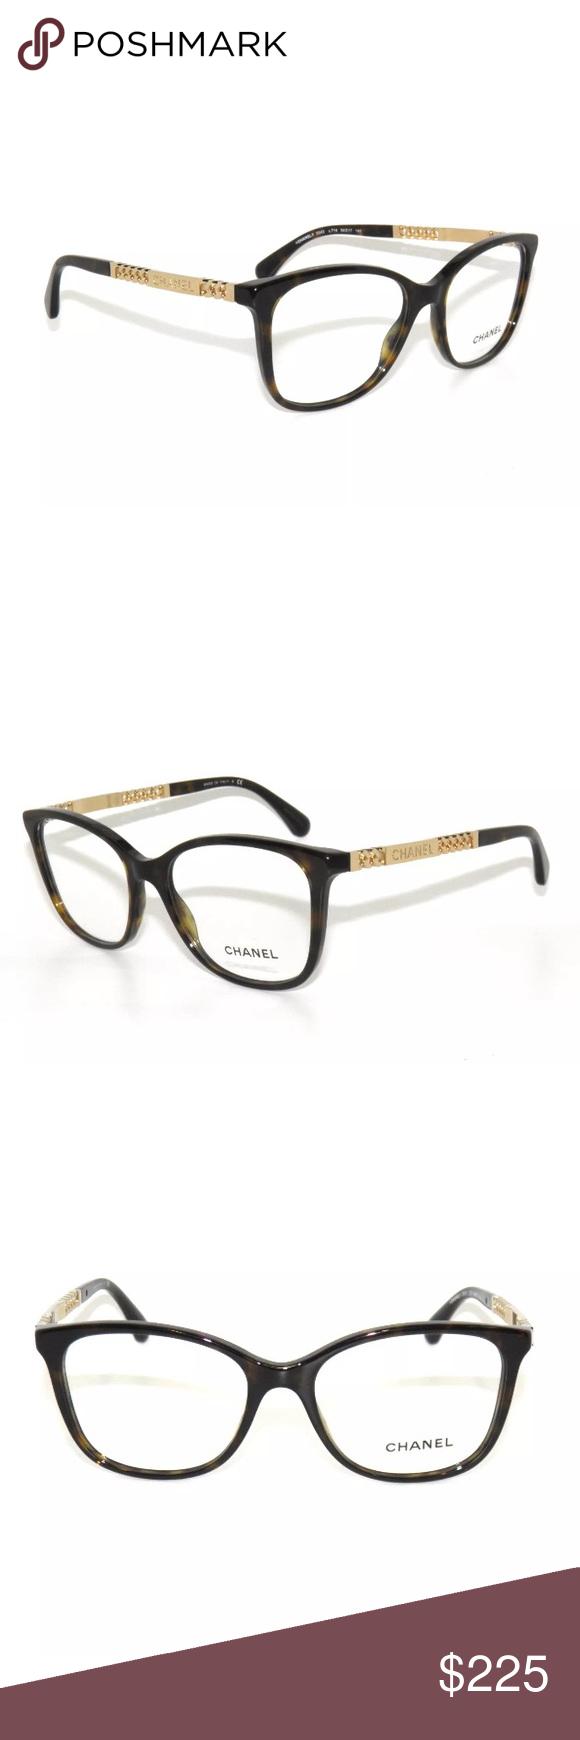 c67c732e82f Chanel 3343 Havana Eyeglasses 54mm Excellent Condition